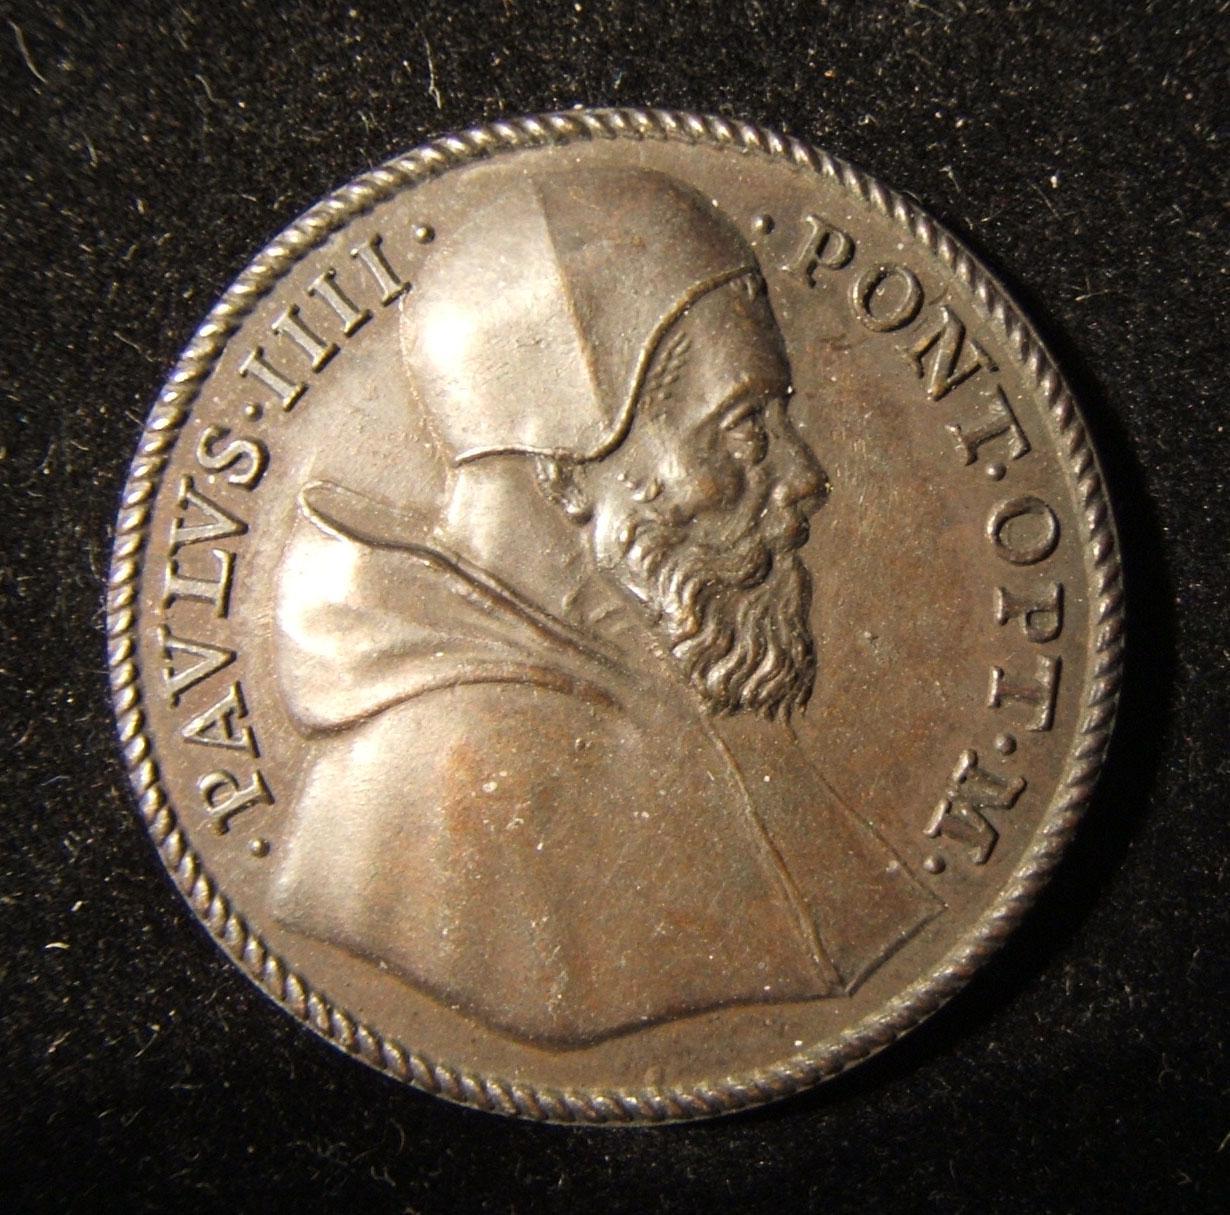 الايطالية البابا بولس الرابع ميدالية يسوع / التجار ، من قبل Federigo Parmensis ، Spink # 569